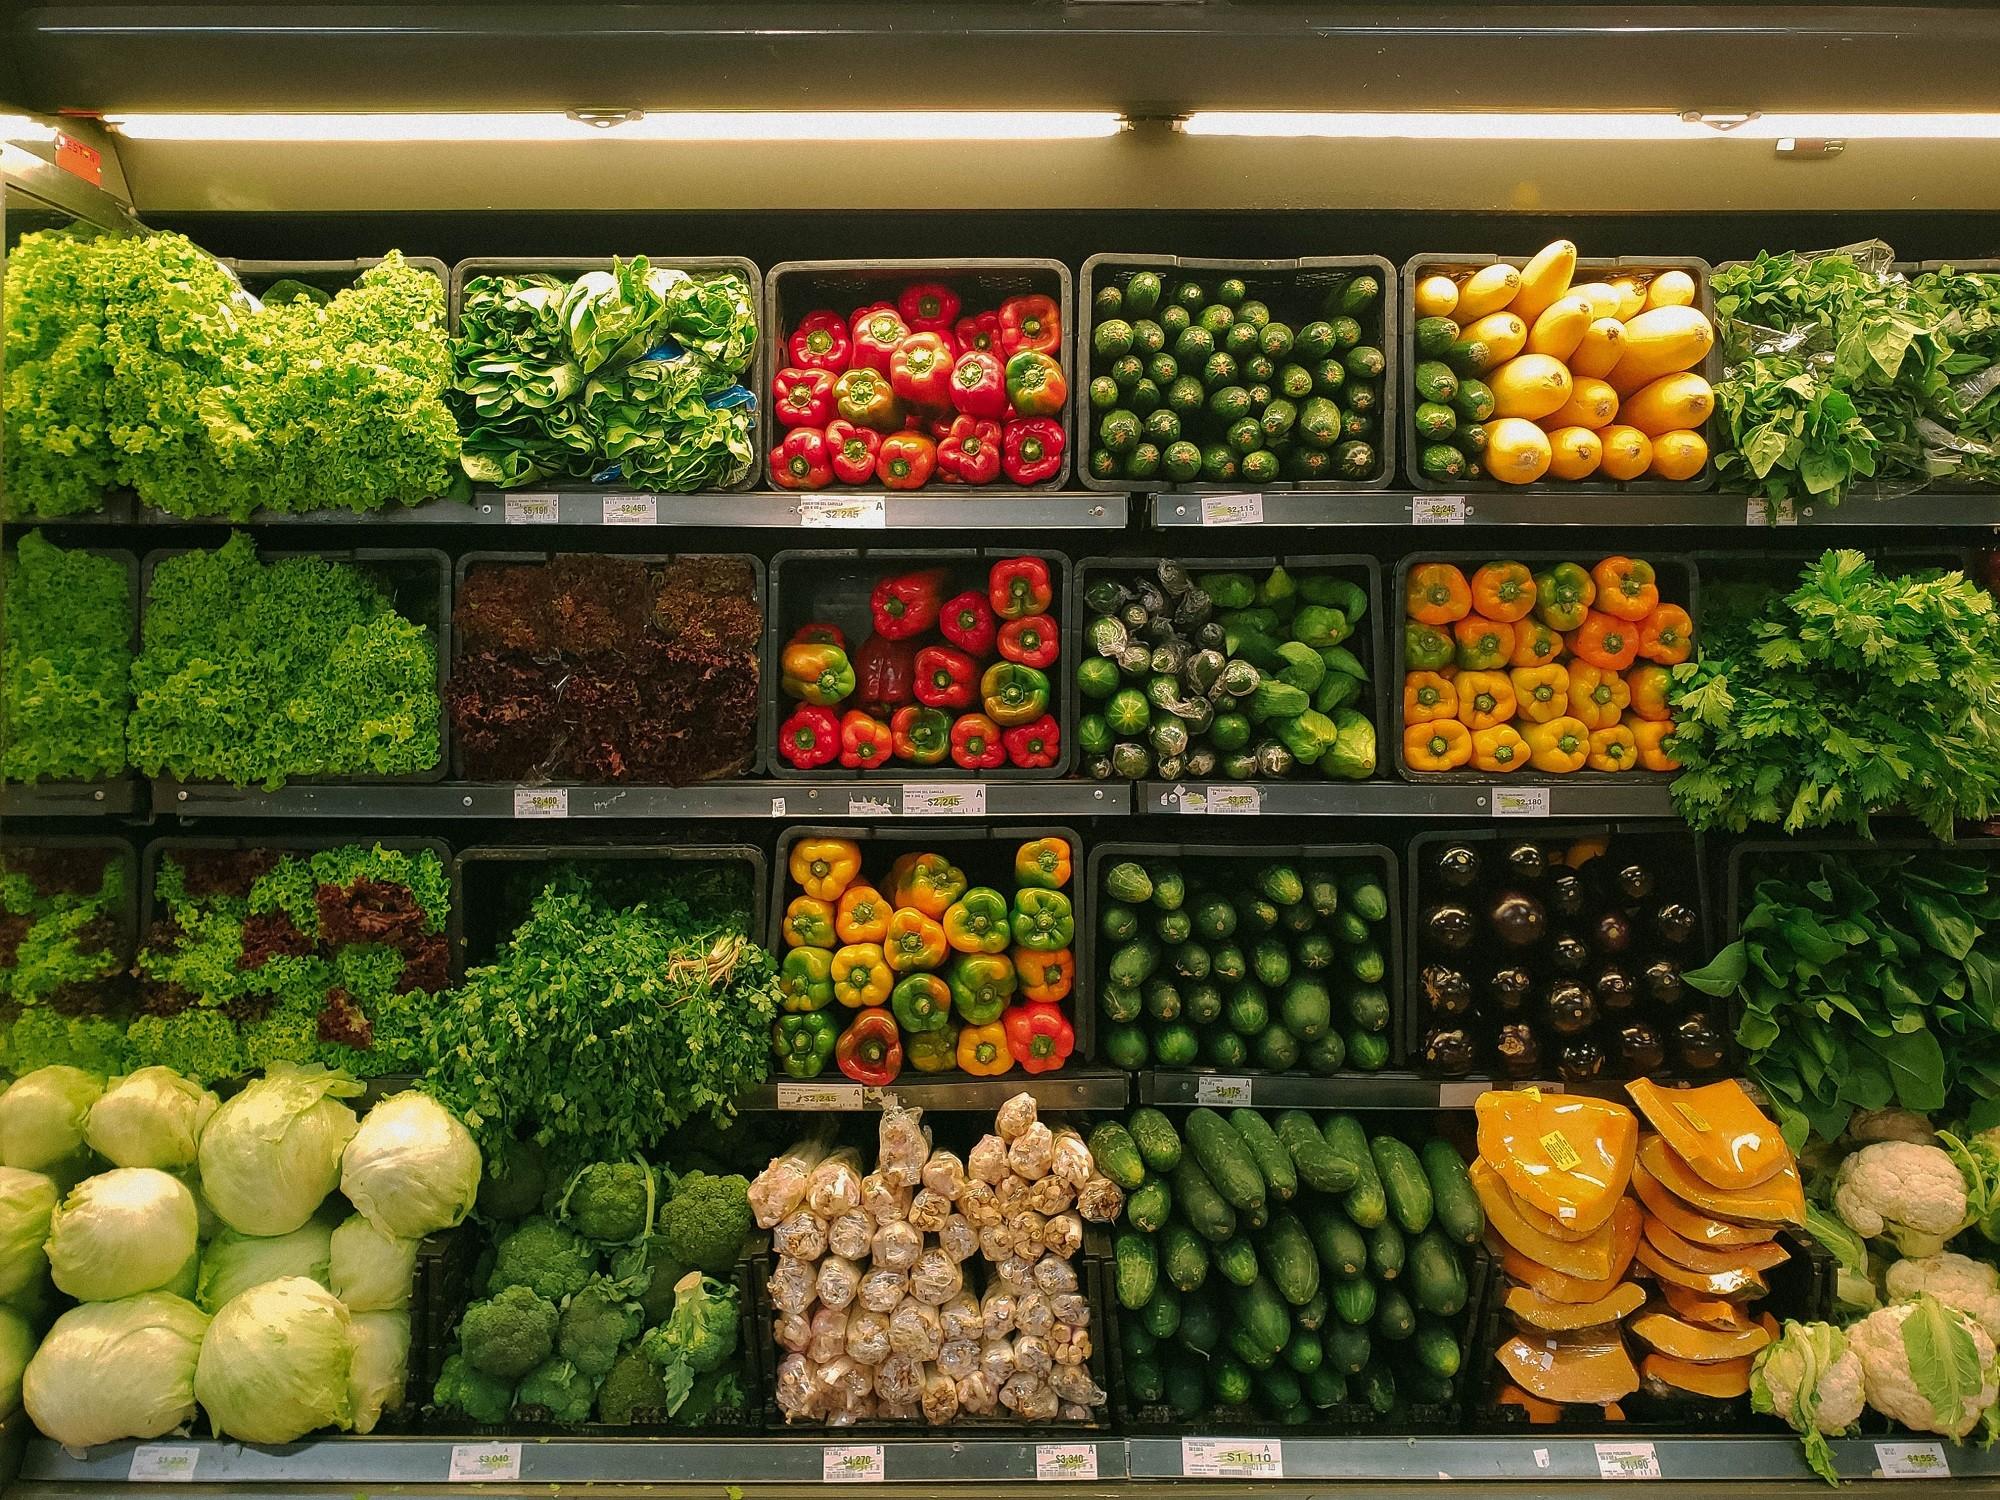 las verduras también pasan los controles sanitarios de los alimentos